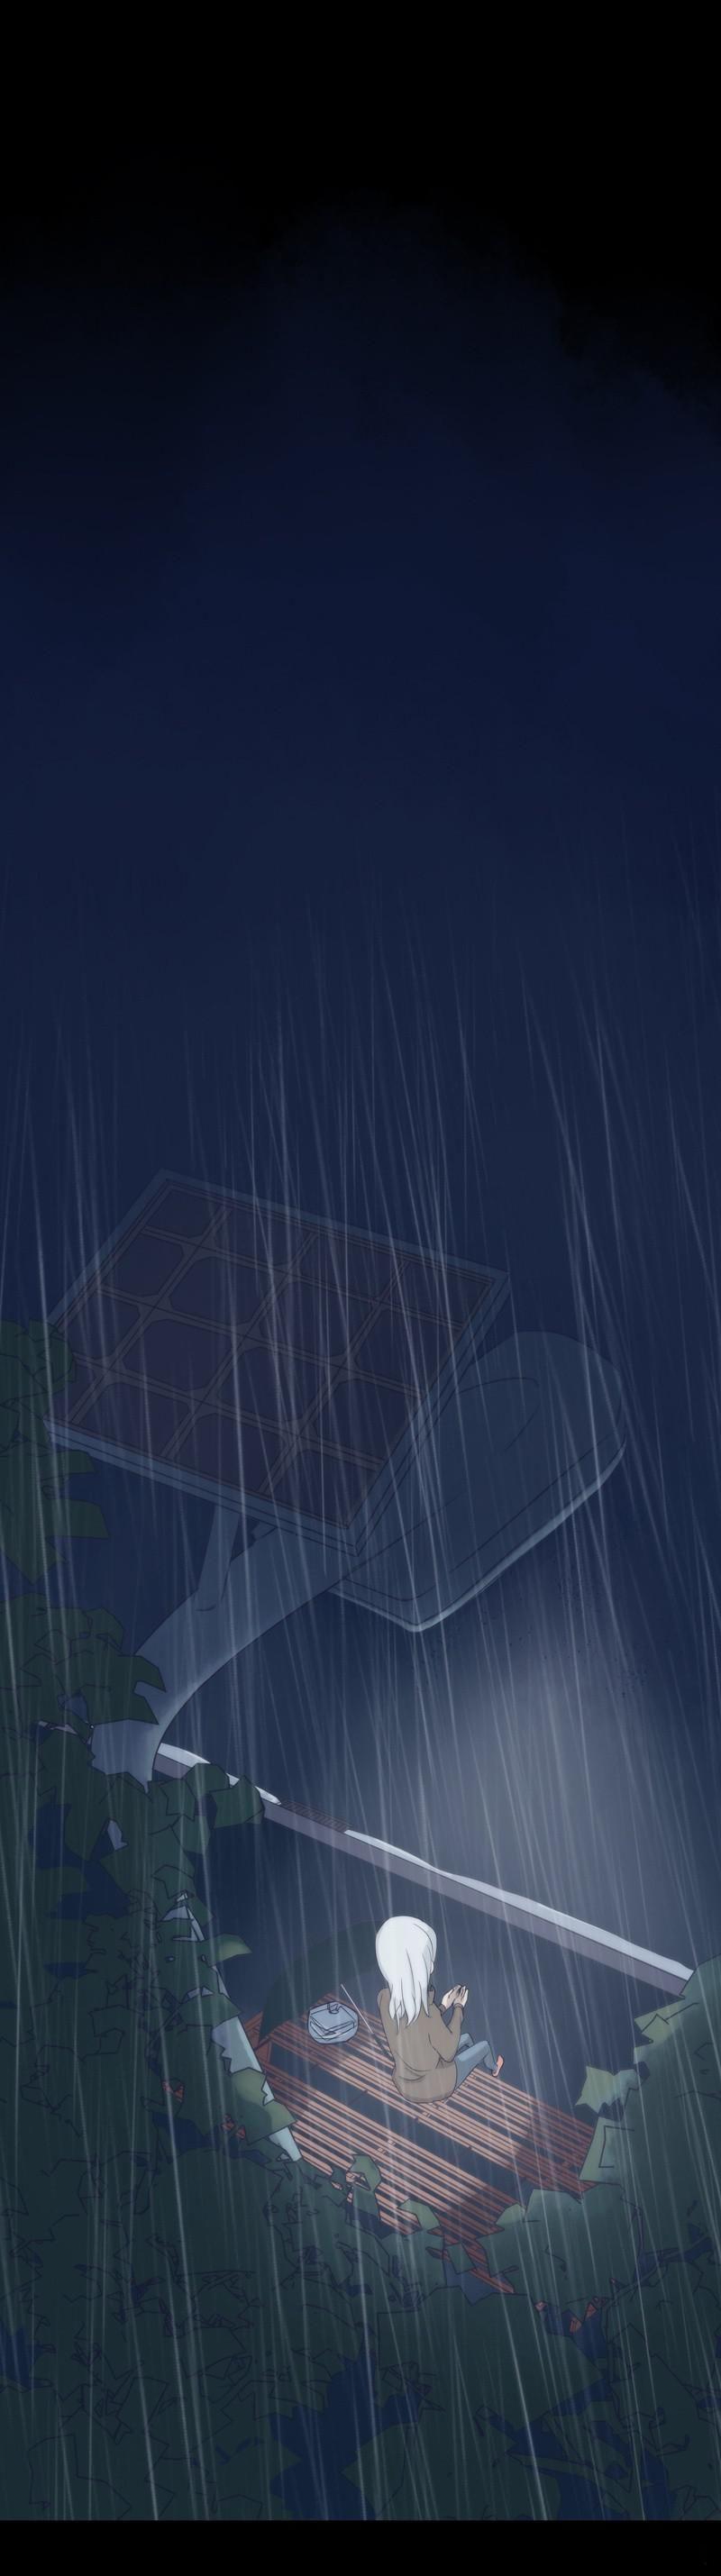 Black Umbrella 2 Page 2